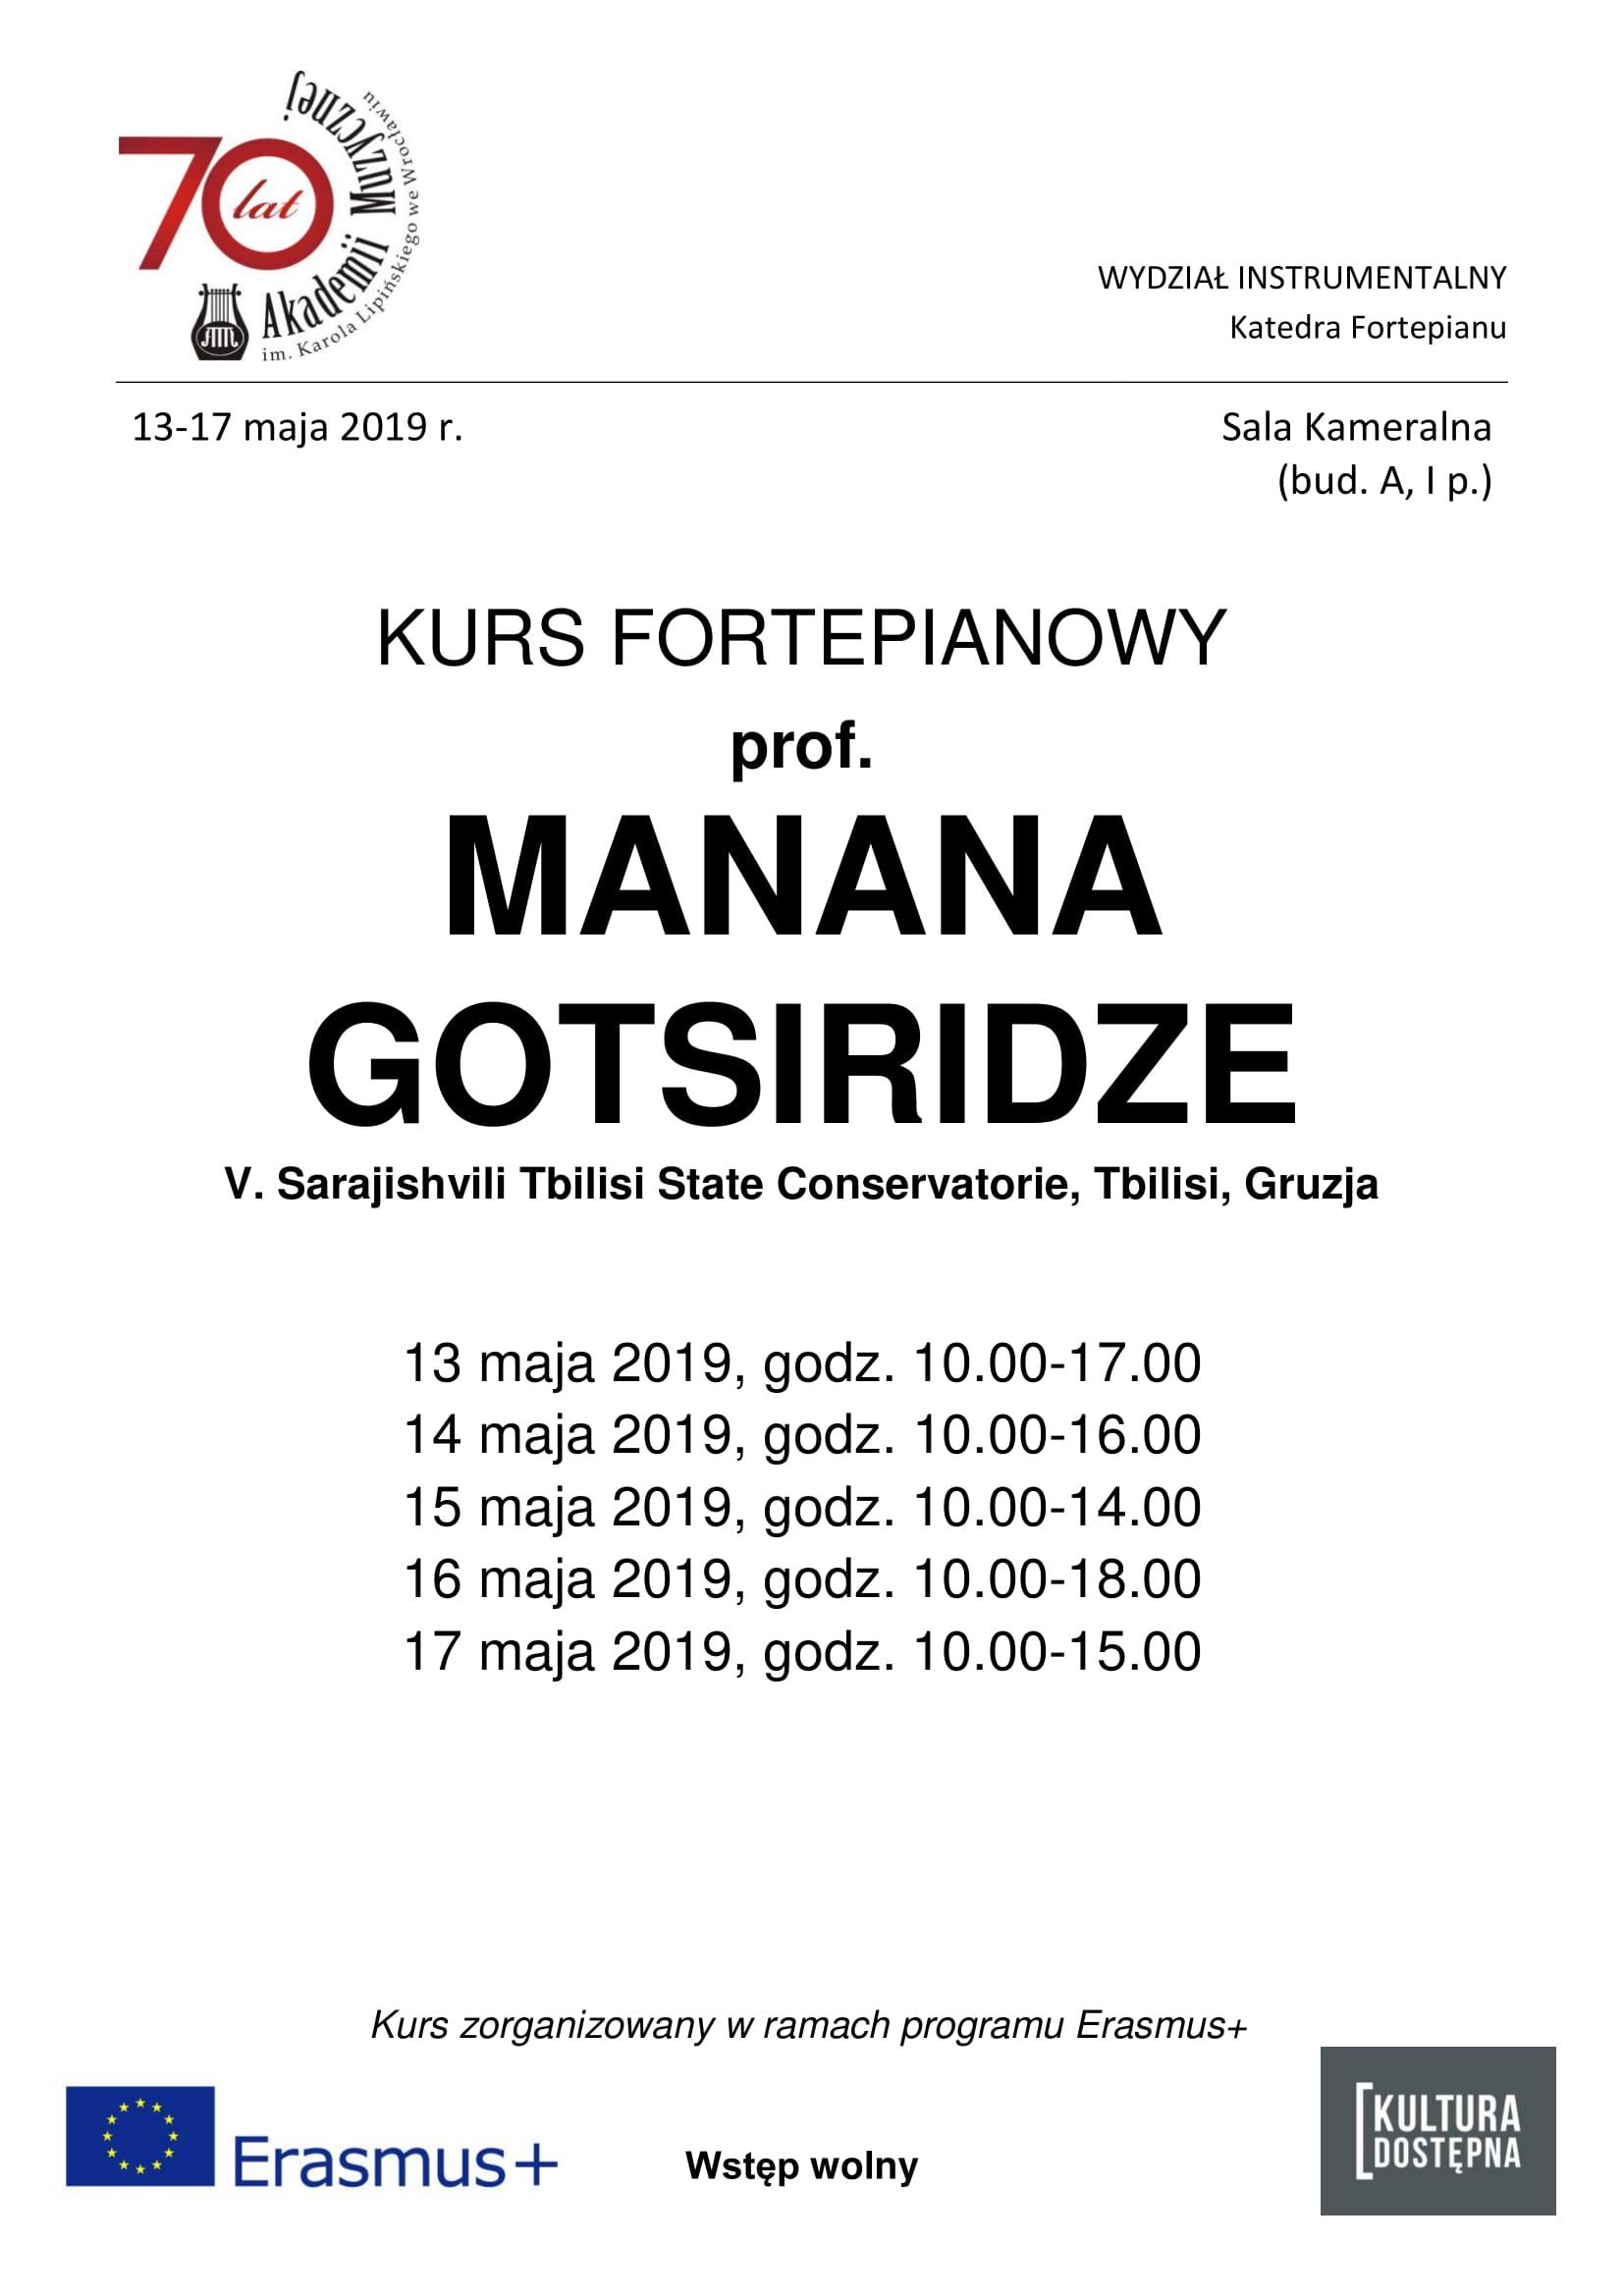 Kurs fortepianowy - prof. Manana Gotsiridze